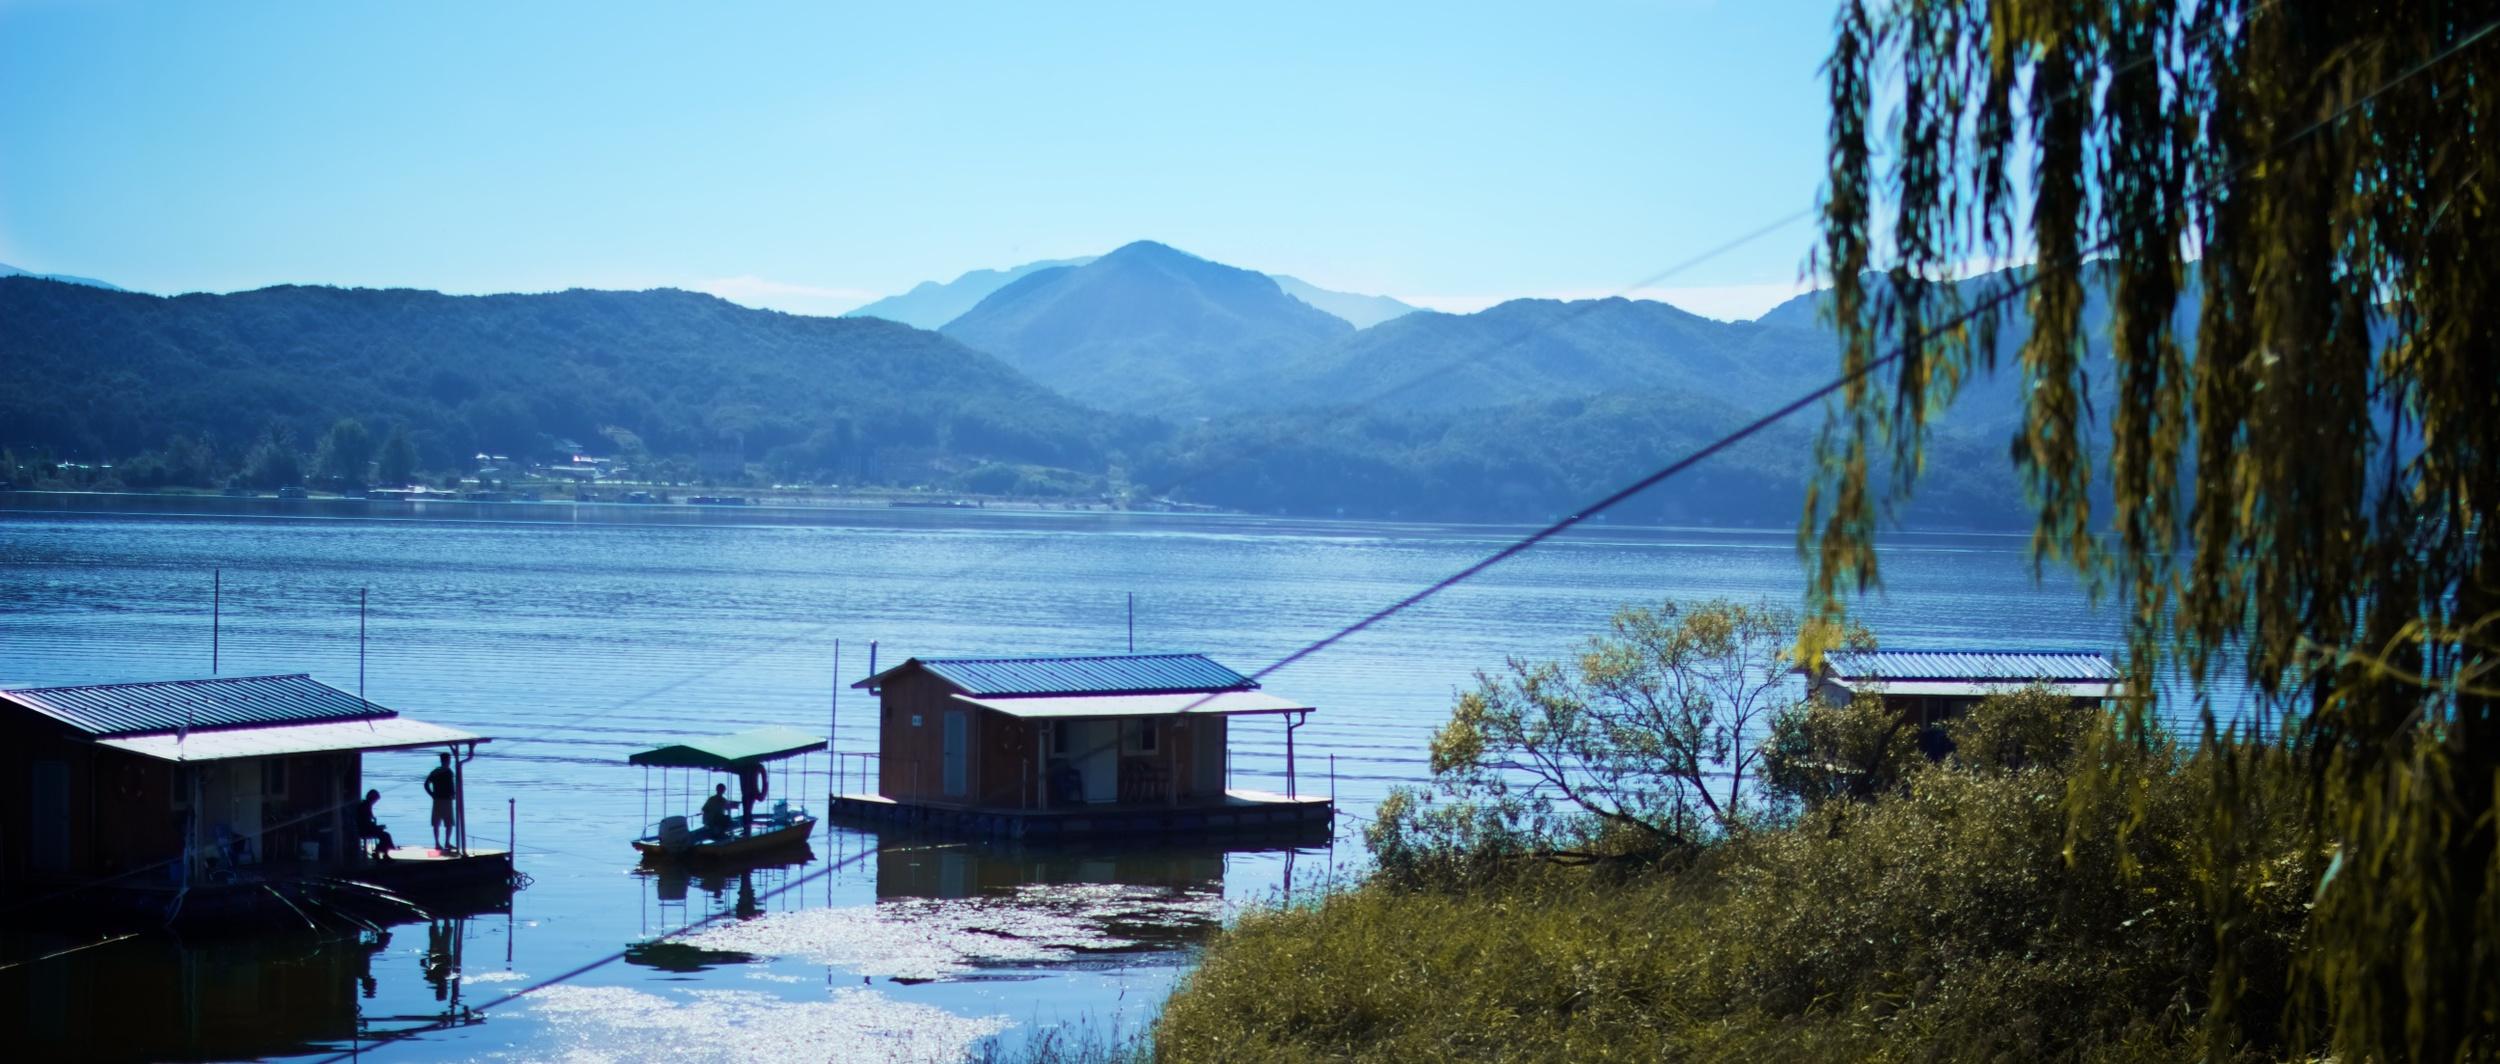 Lake House 15.jpg